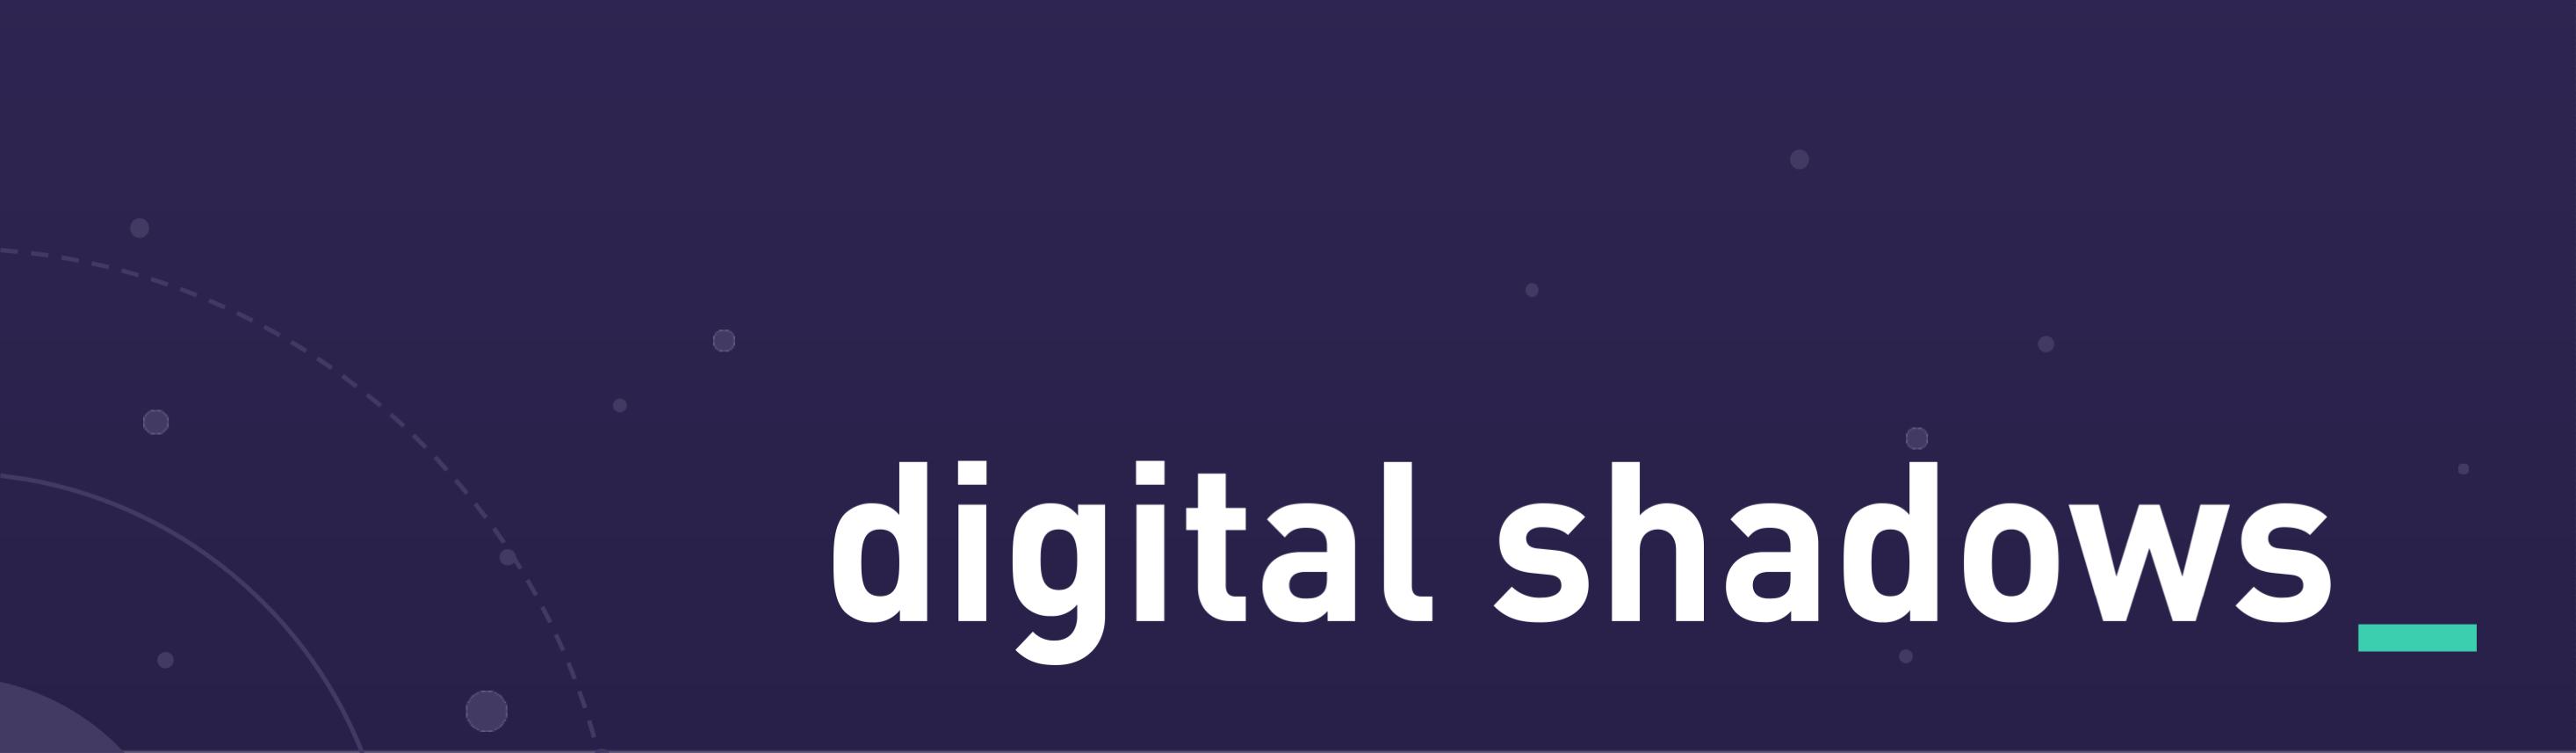 Digital Shadows — компетентно помогает снизить цифровые риски